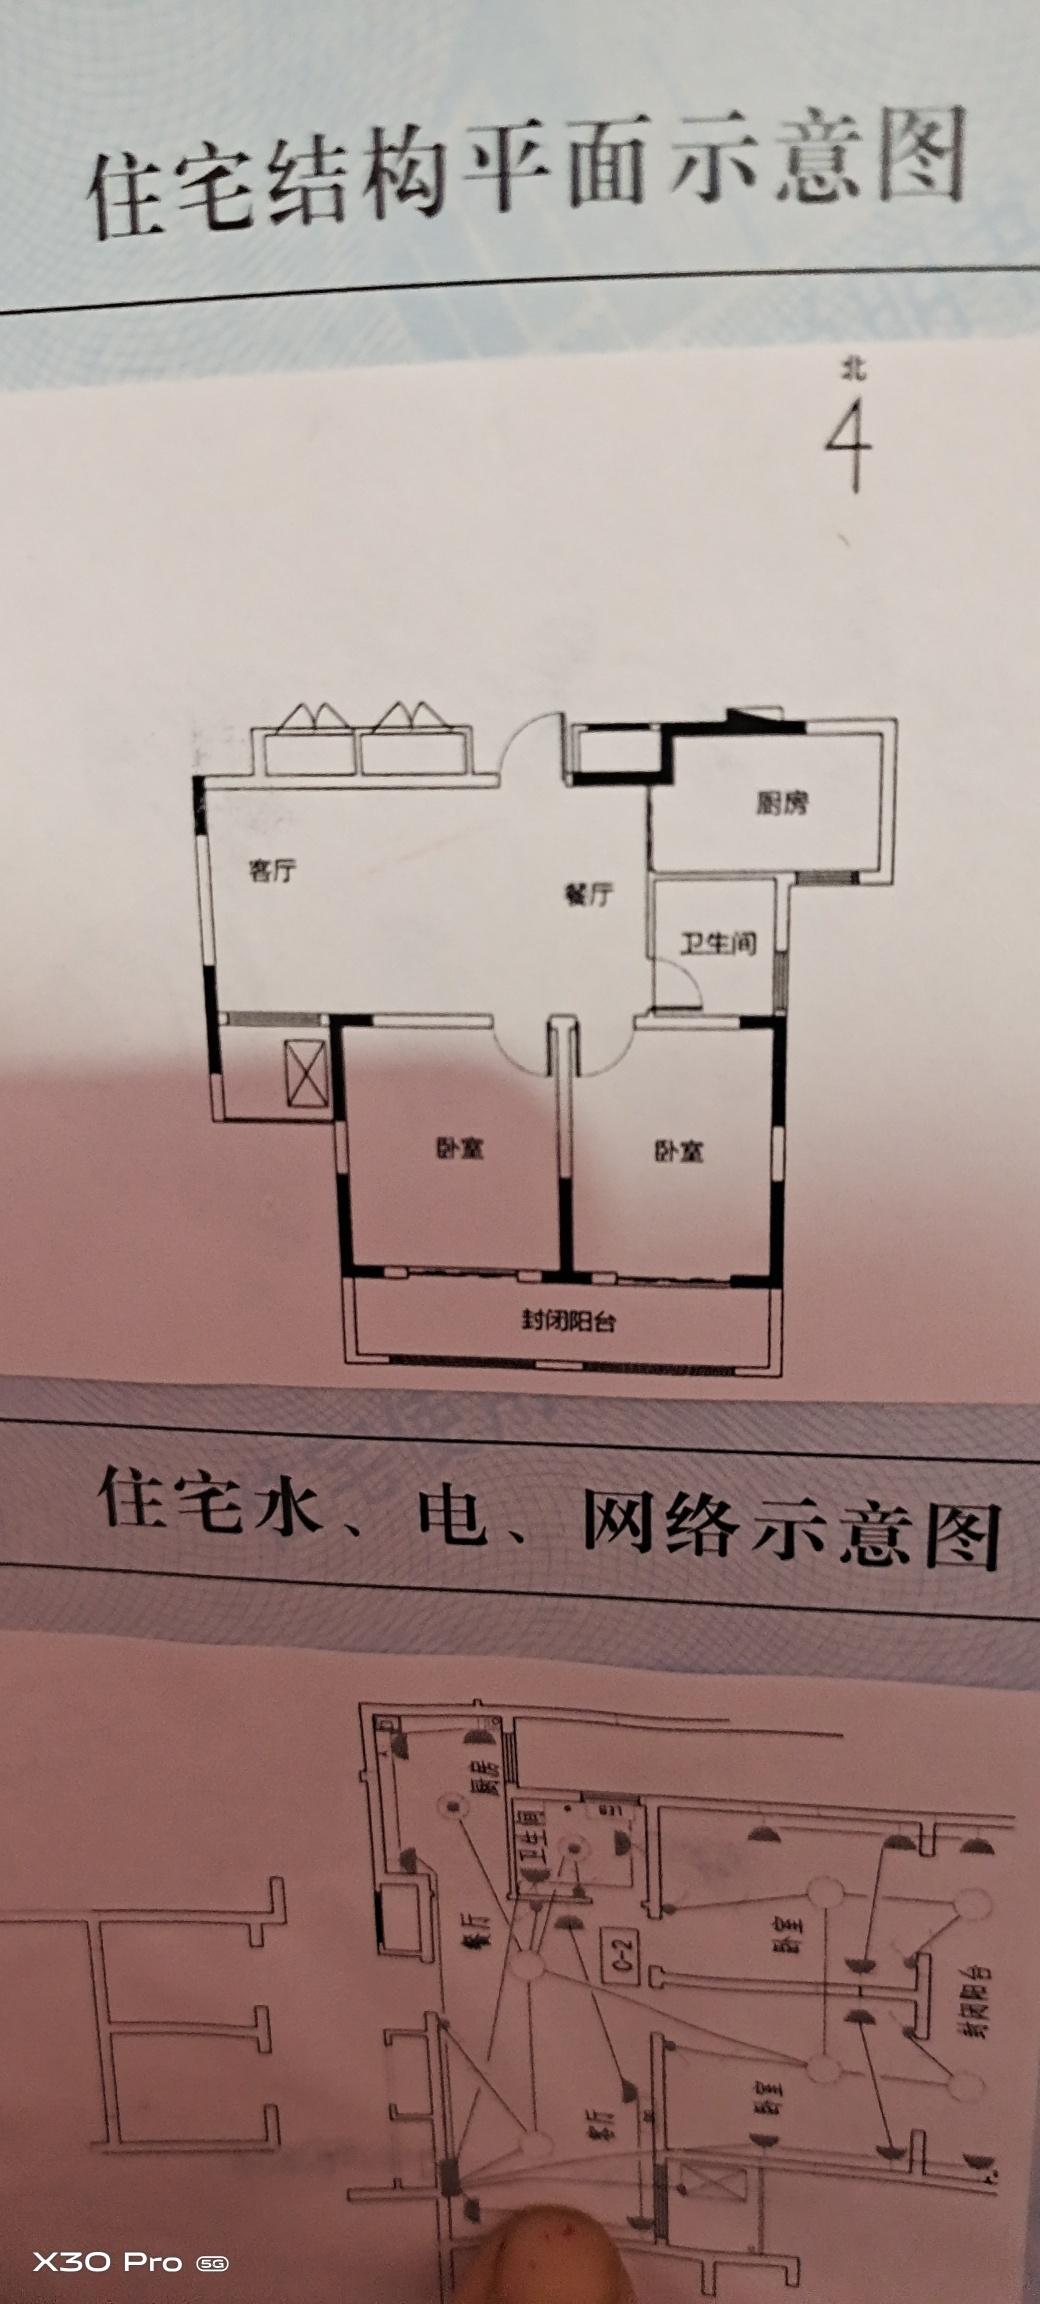 77平的中间户两室怎么改三室呢